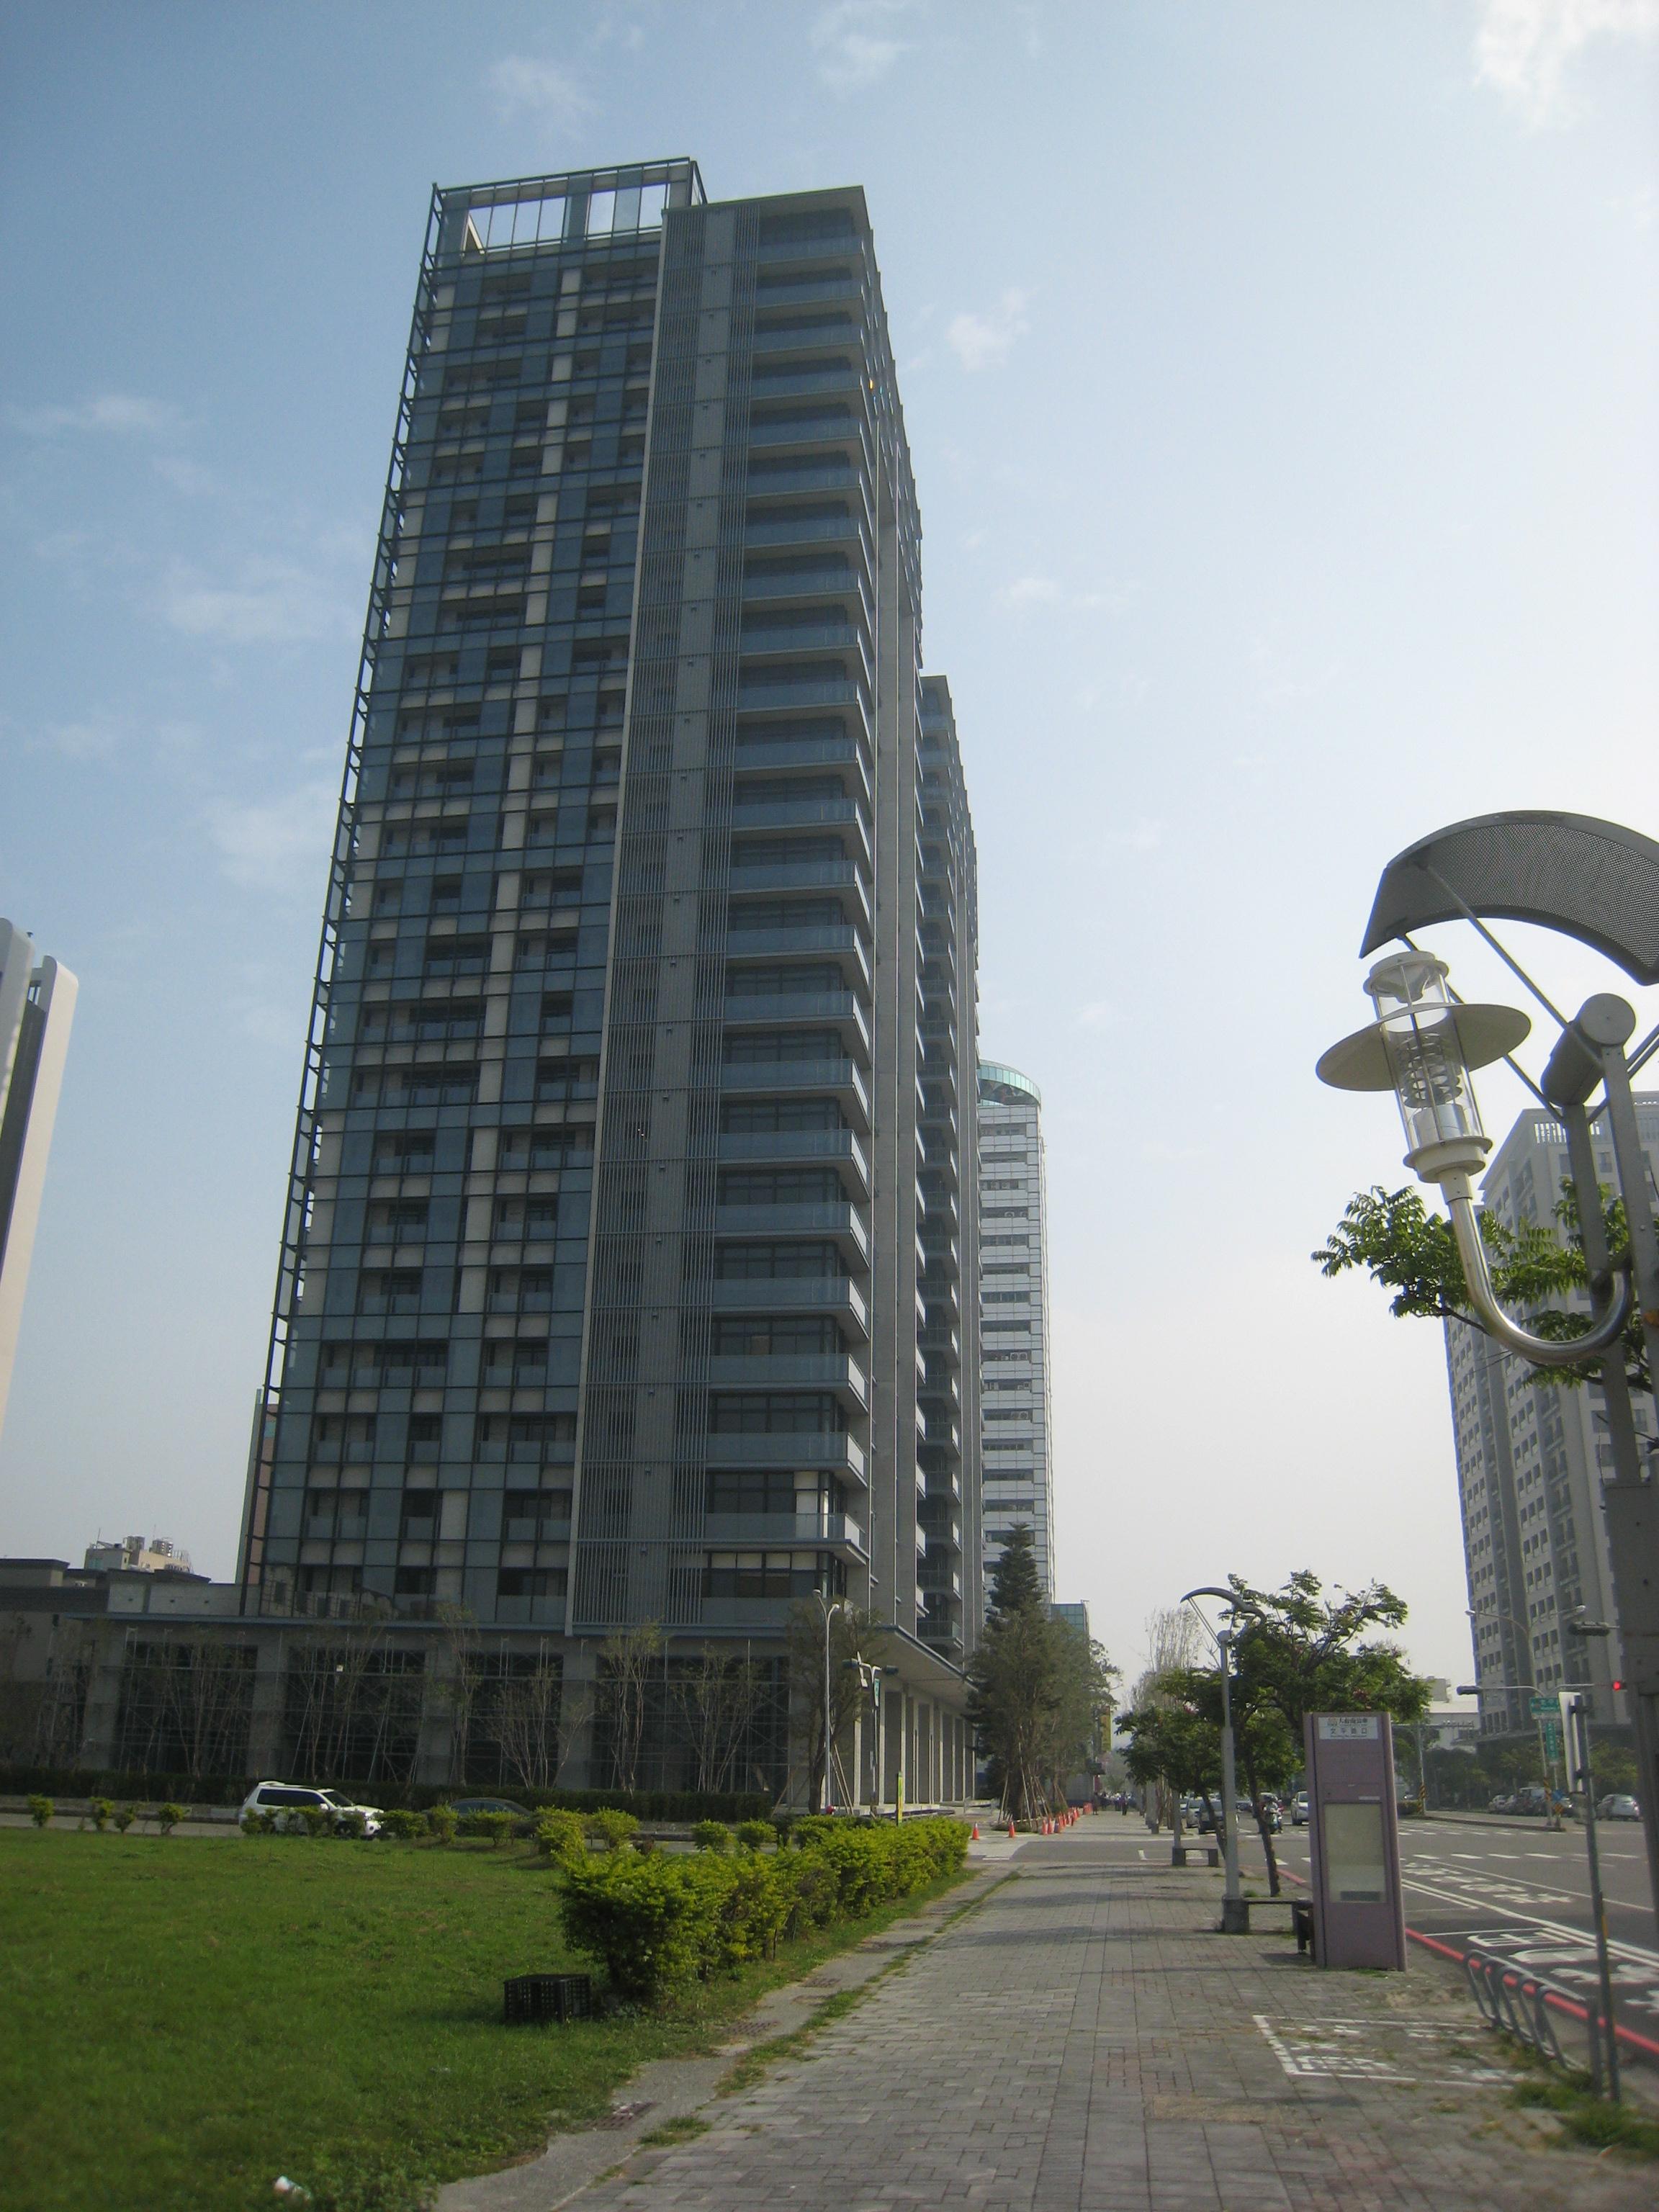 公園道容積提升,形塑優美天際線-永華路集合住宅